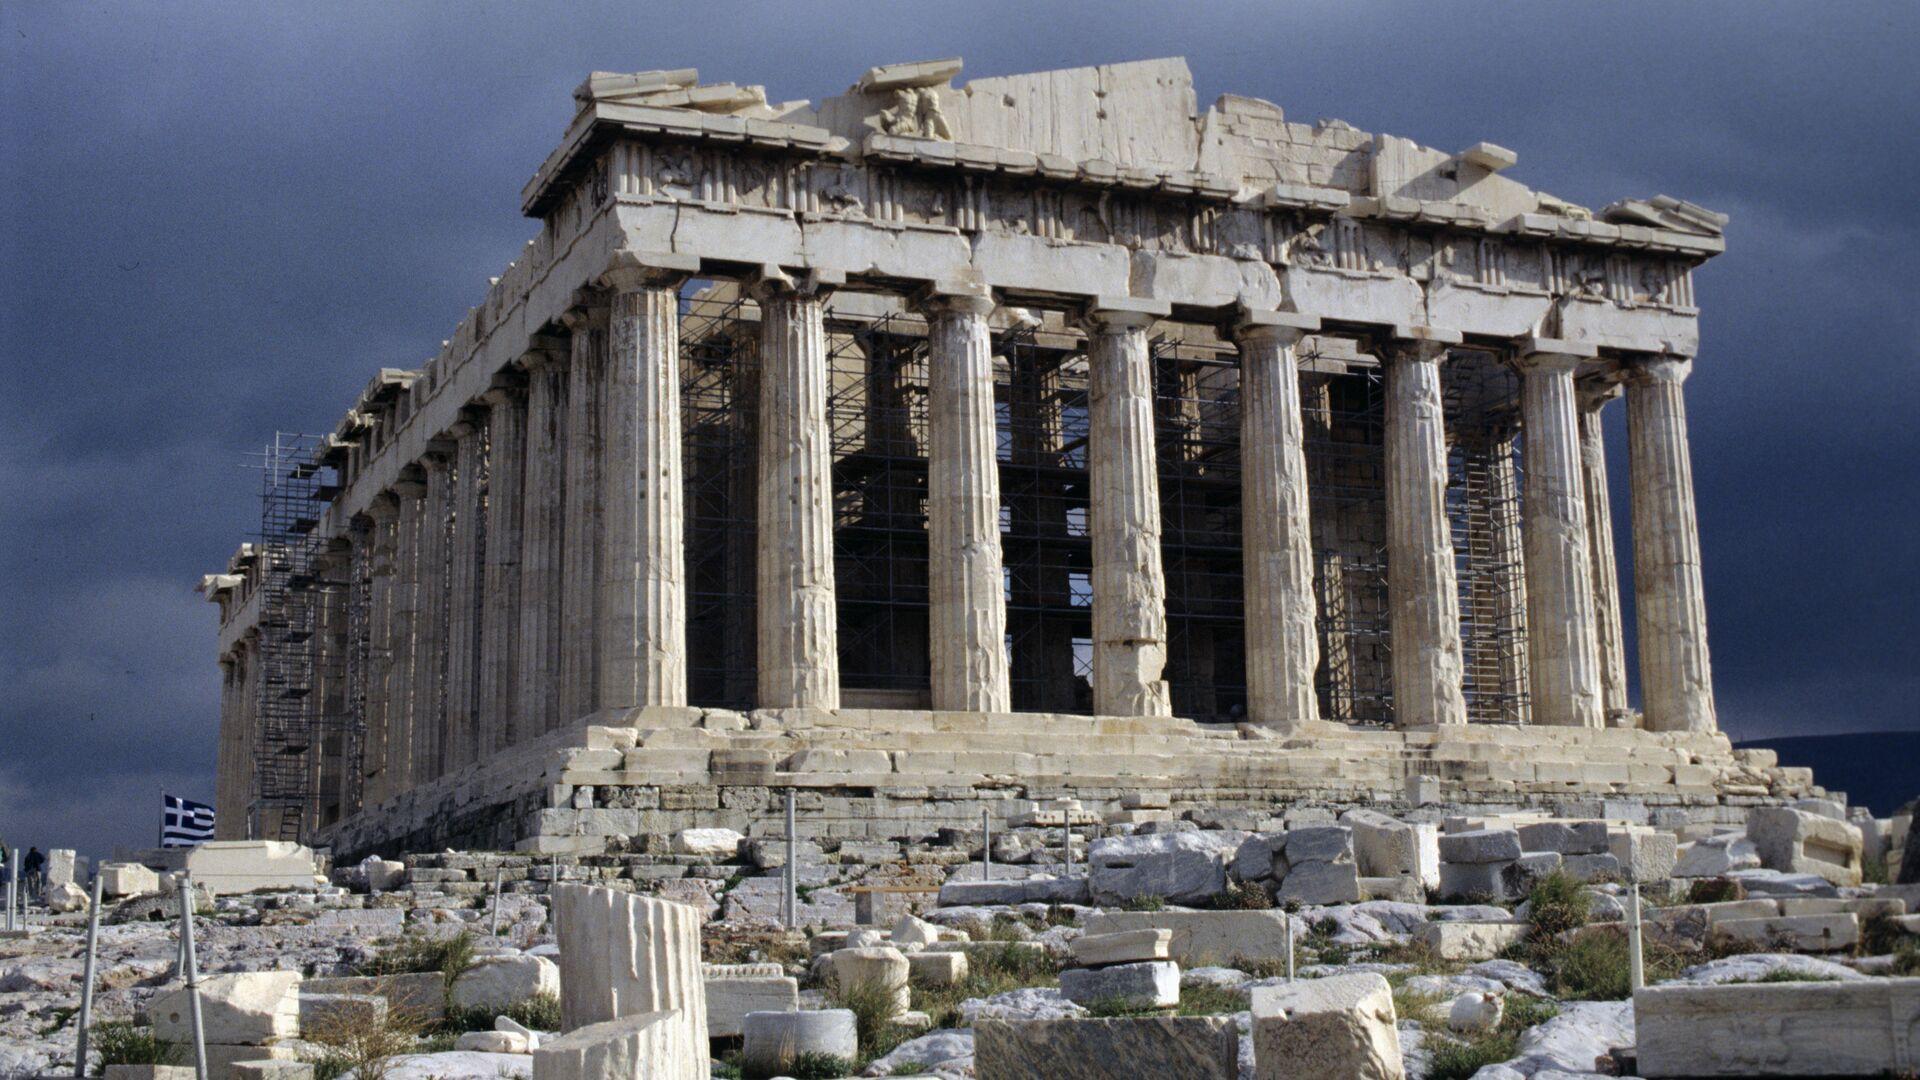 Парфенон - памятник античной архитектуры, расположенный на афинском Акрополе - РИА Новости, 1920, 17.09.2020